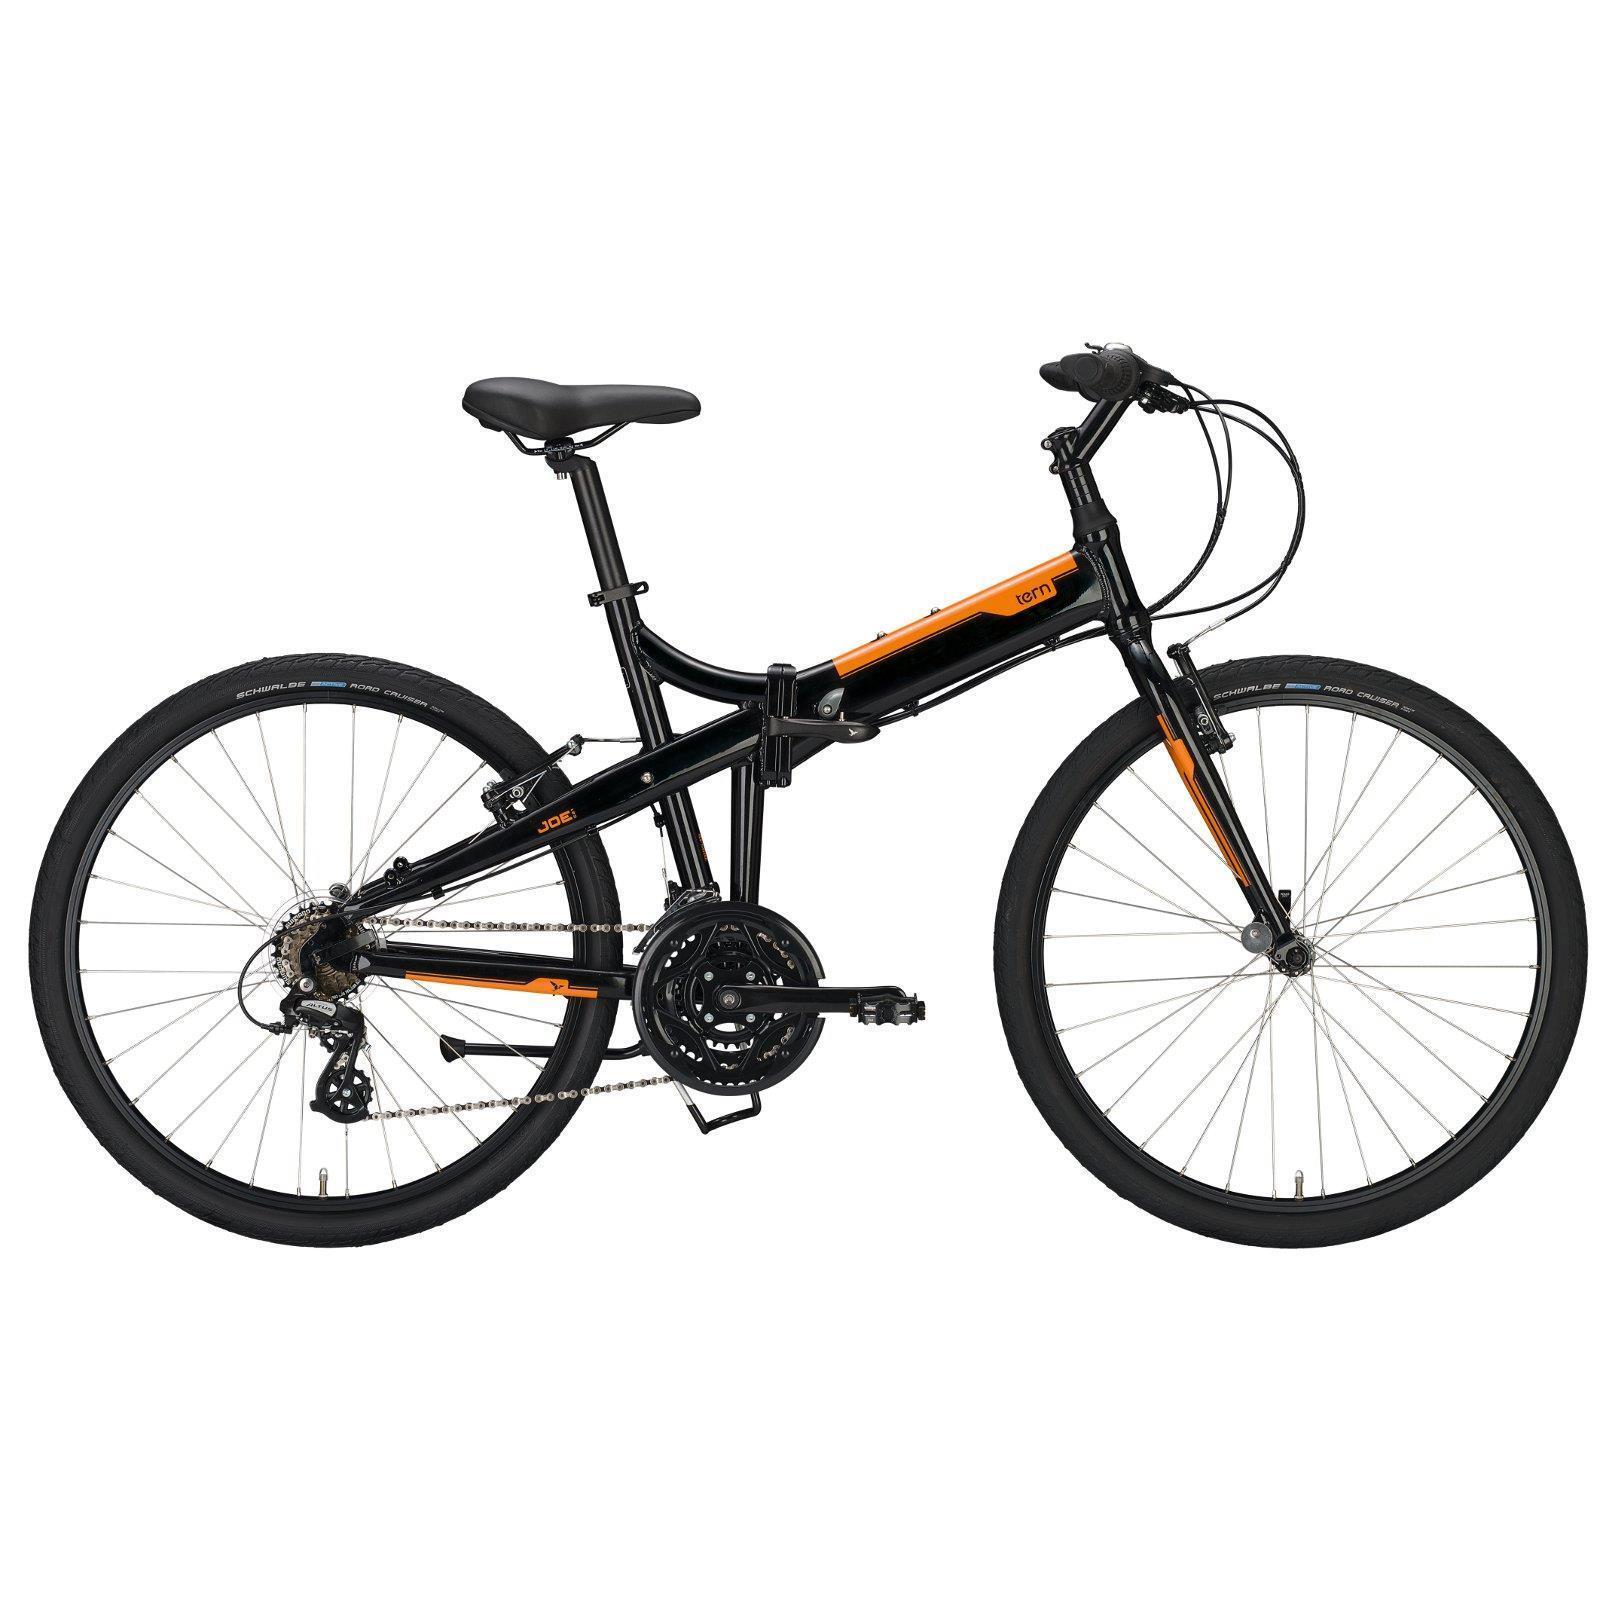 Tern hizo Joe c21  26  21 marchas cadenas circuito bicicleta klapprad bicicleta MTB  ¡No dudes! ¡Compra ahora!